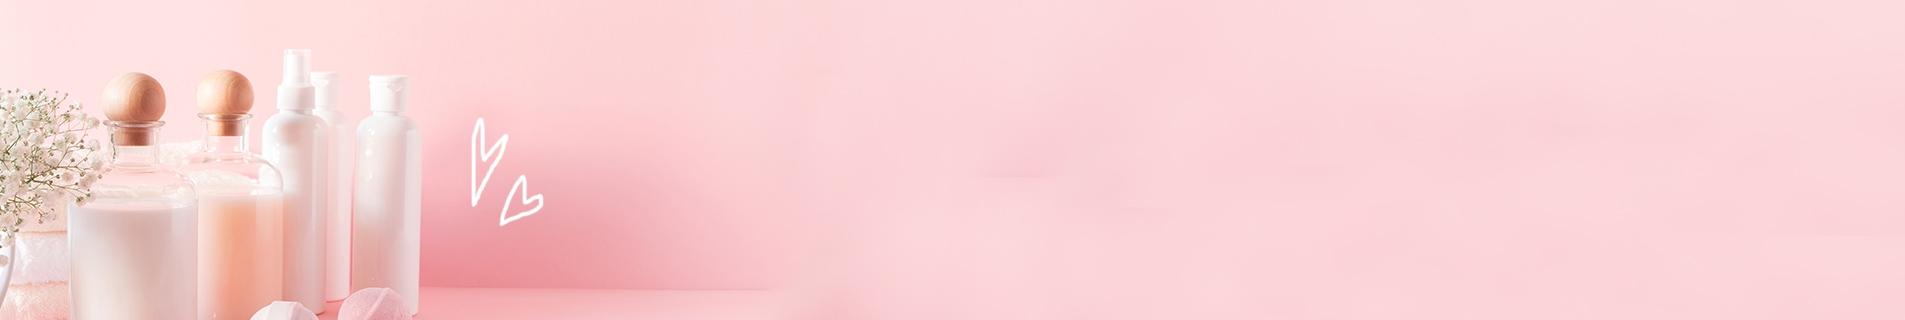 Promo moins de 20€ | Site de cosmetique pas cher | SAGA Cosmetics